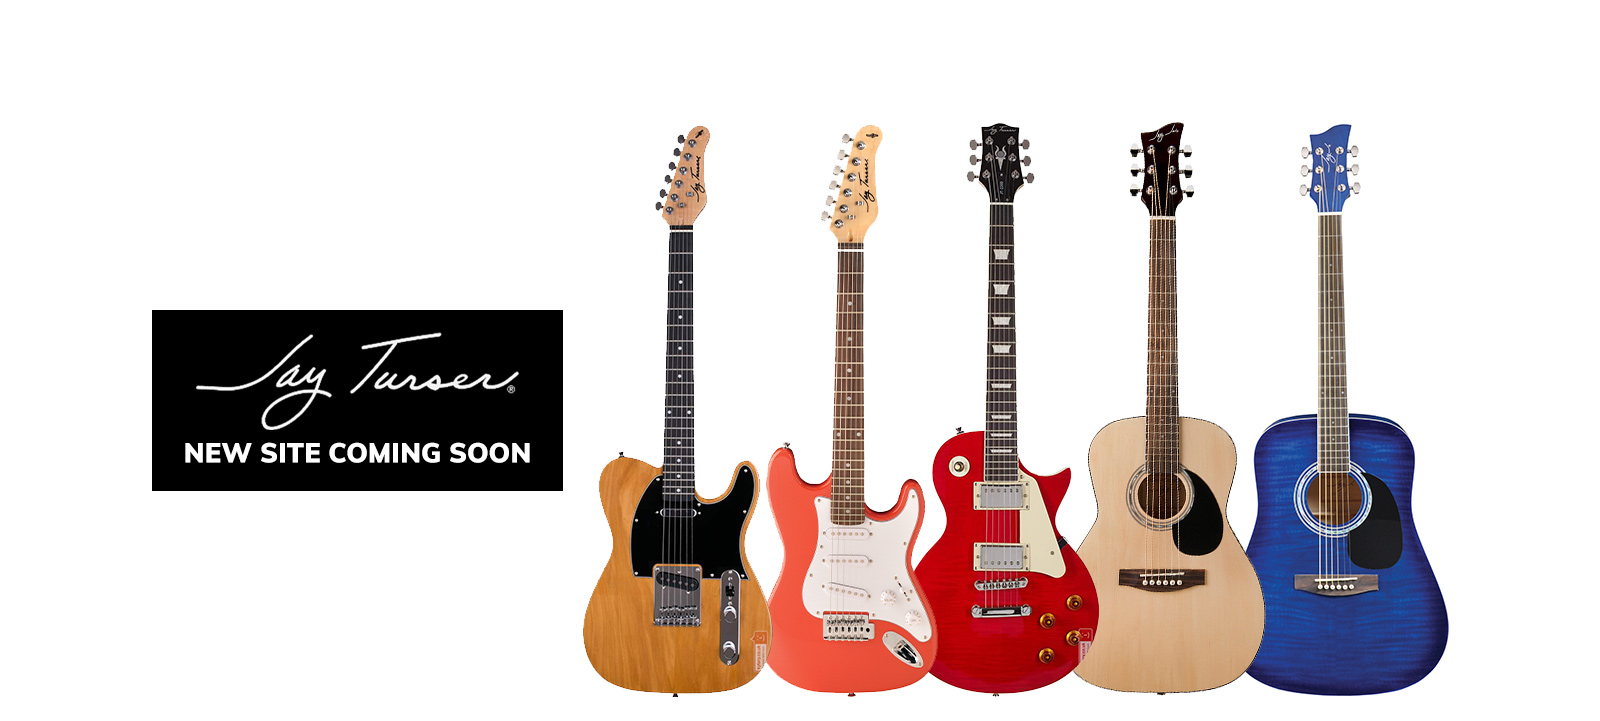 Jay Turser guitars